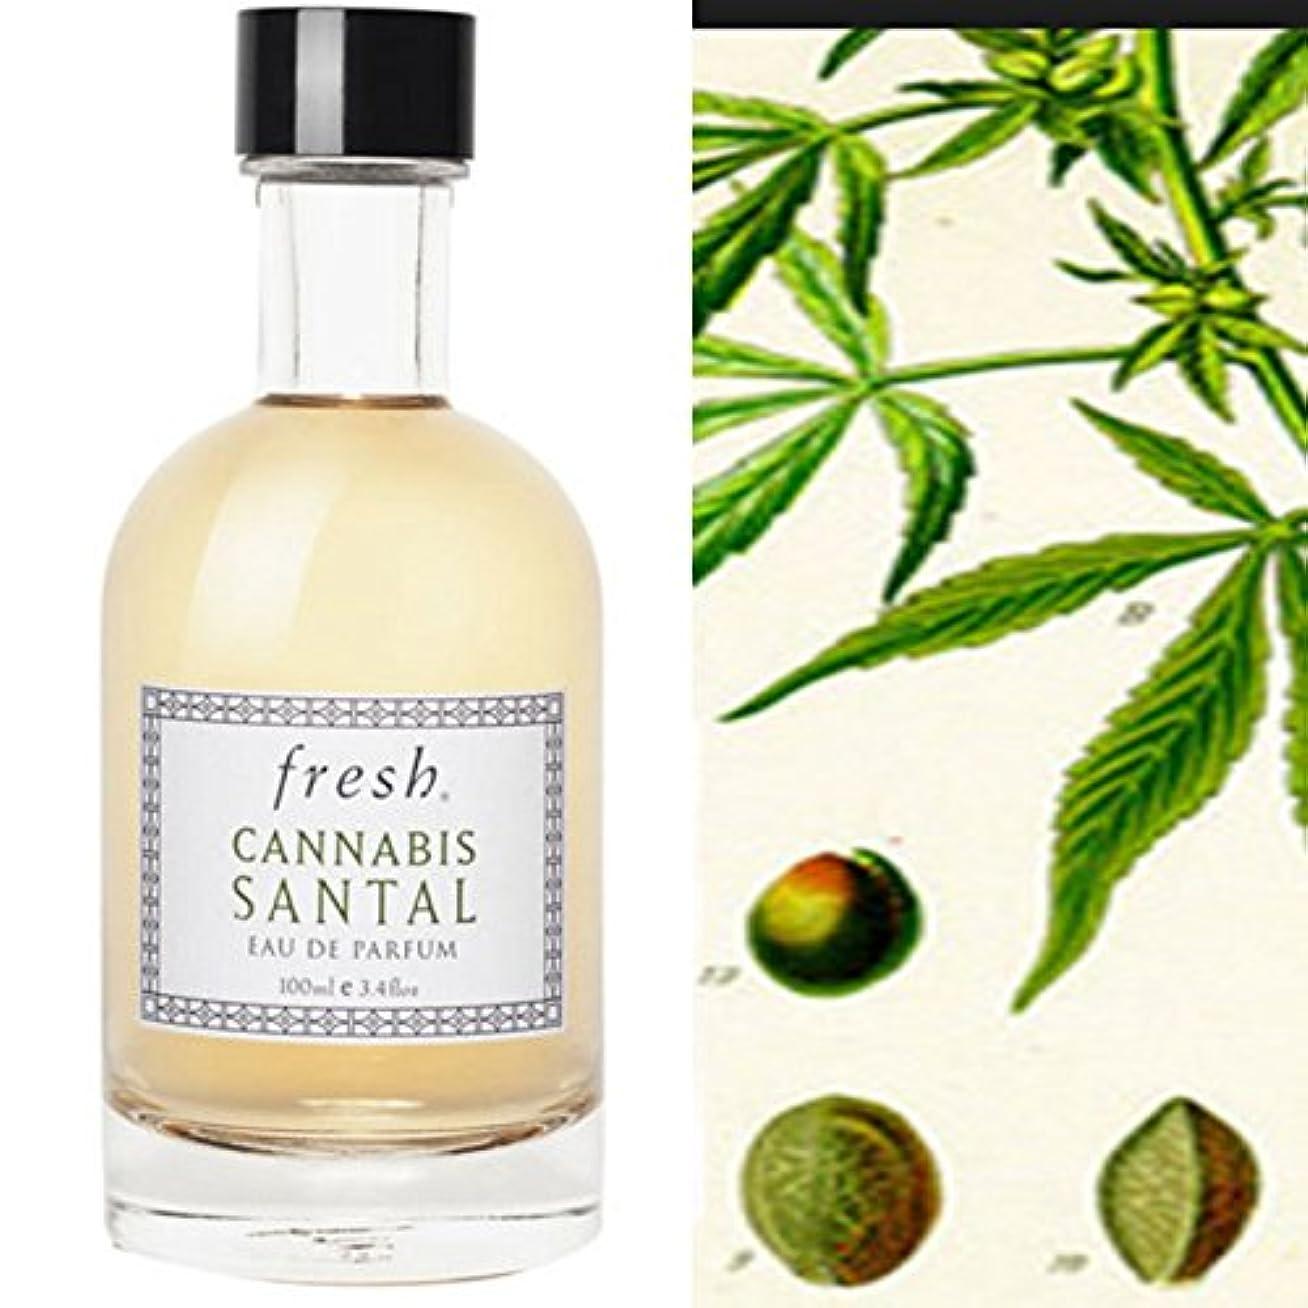 薄いです認めるアンカーFresh (フレッシュ) 大麻サンタルオードパルファム,100ml(3.4oz)- Cannabis Santal 。 [並行輸入品] [海外直送品]